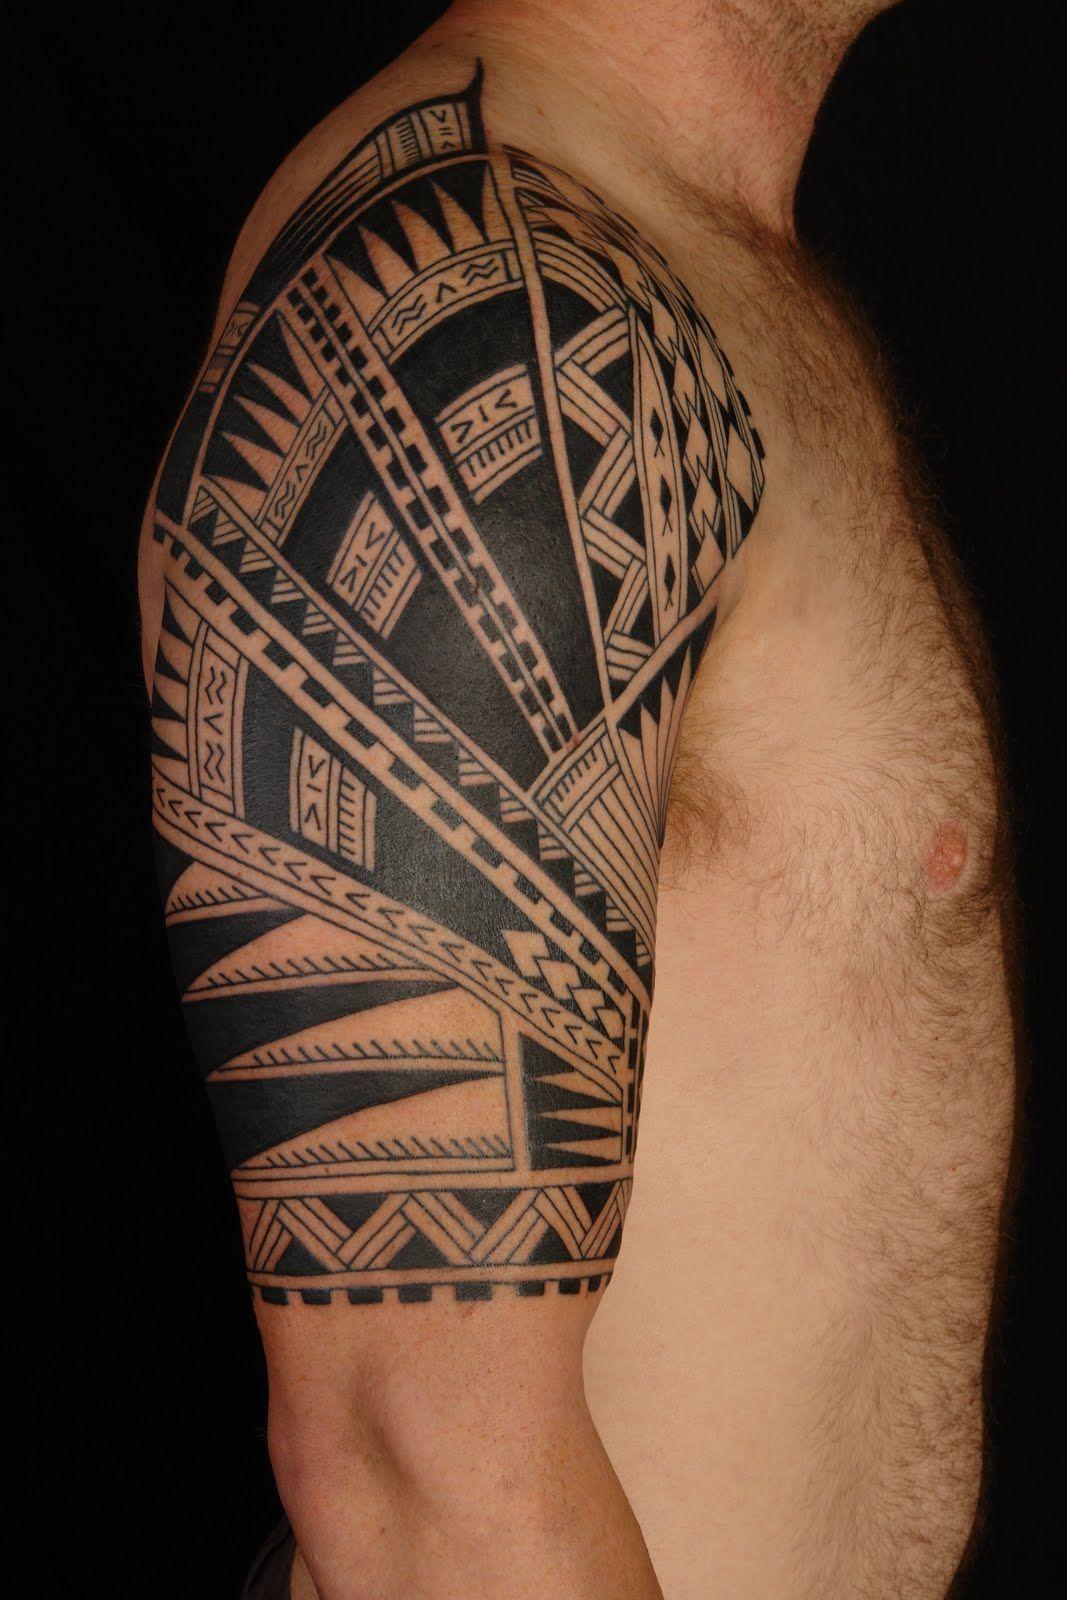 Tatouage Épaule Homme se rapportant à tatouage polynésien demi bras epaule homme tp2e6no | tattoos